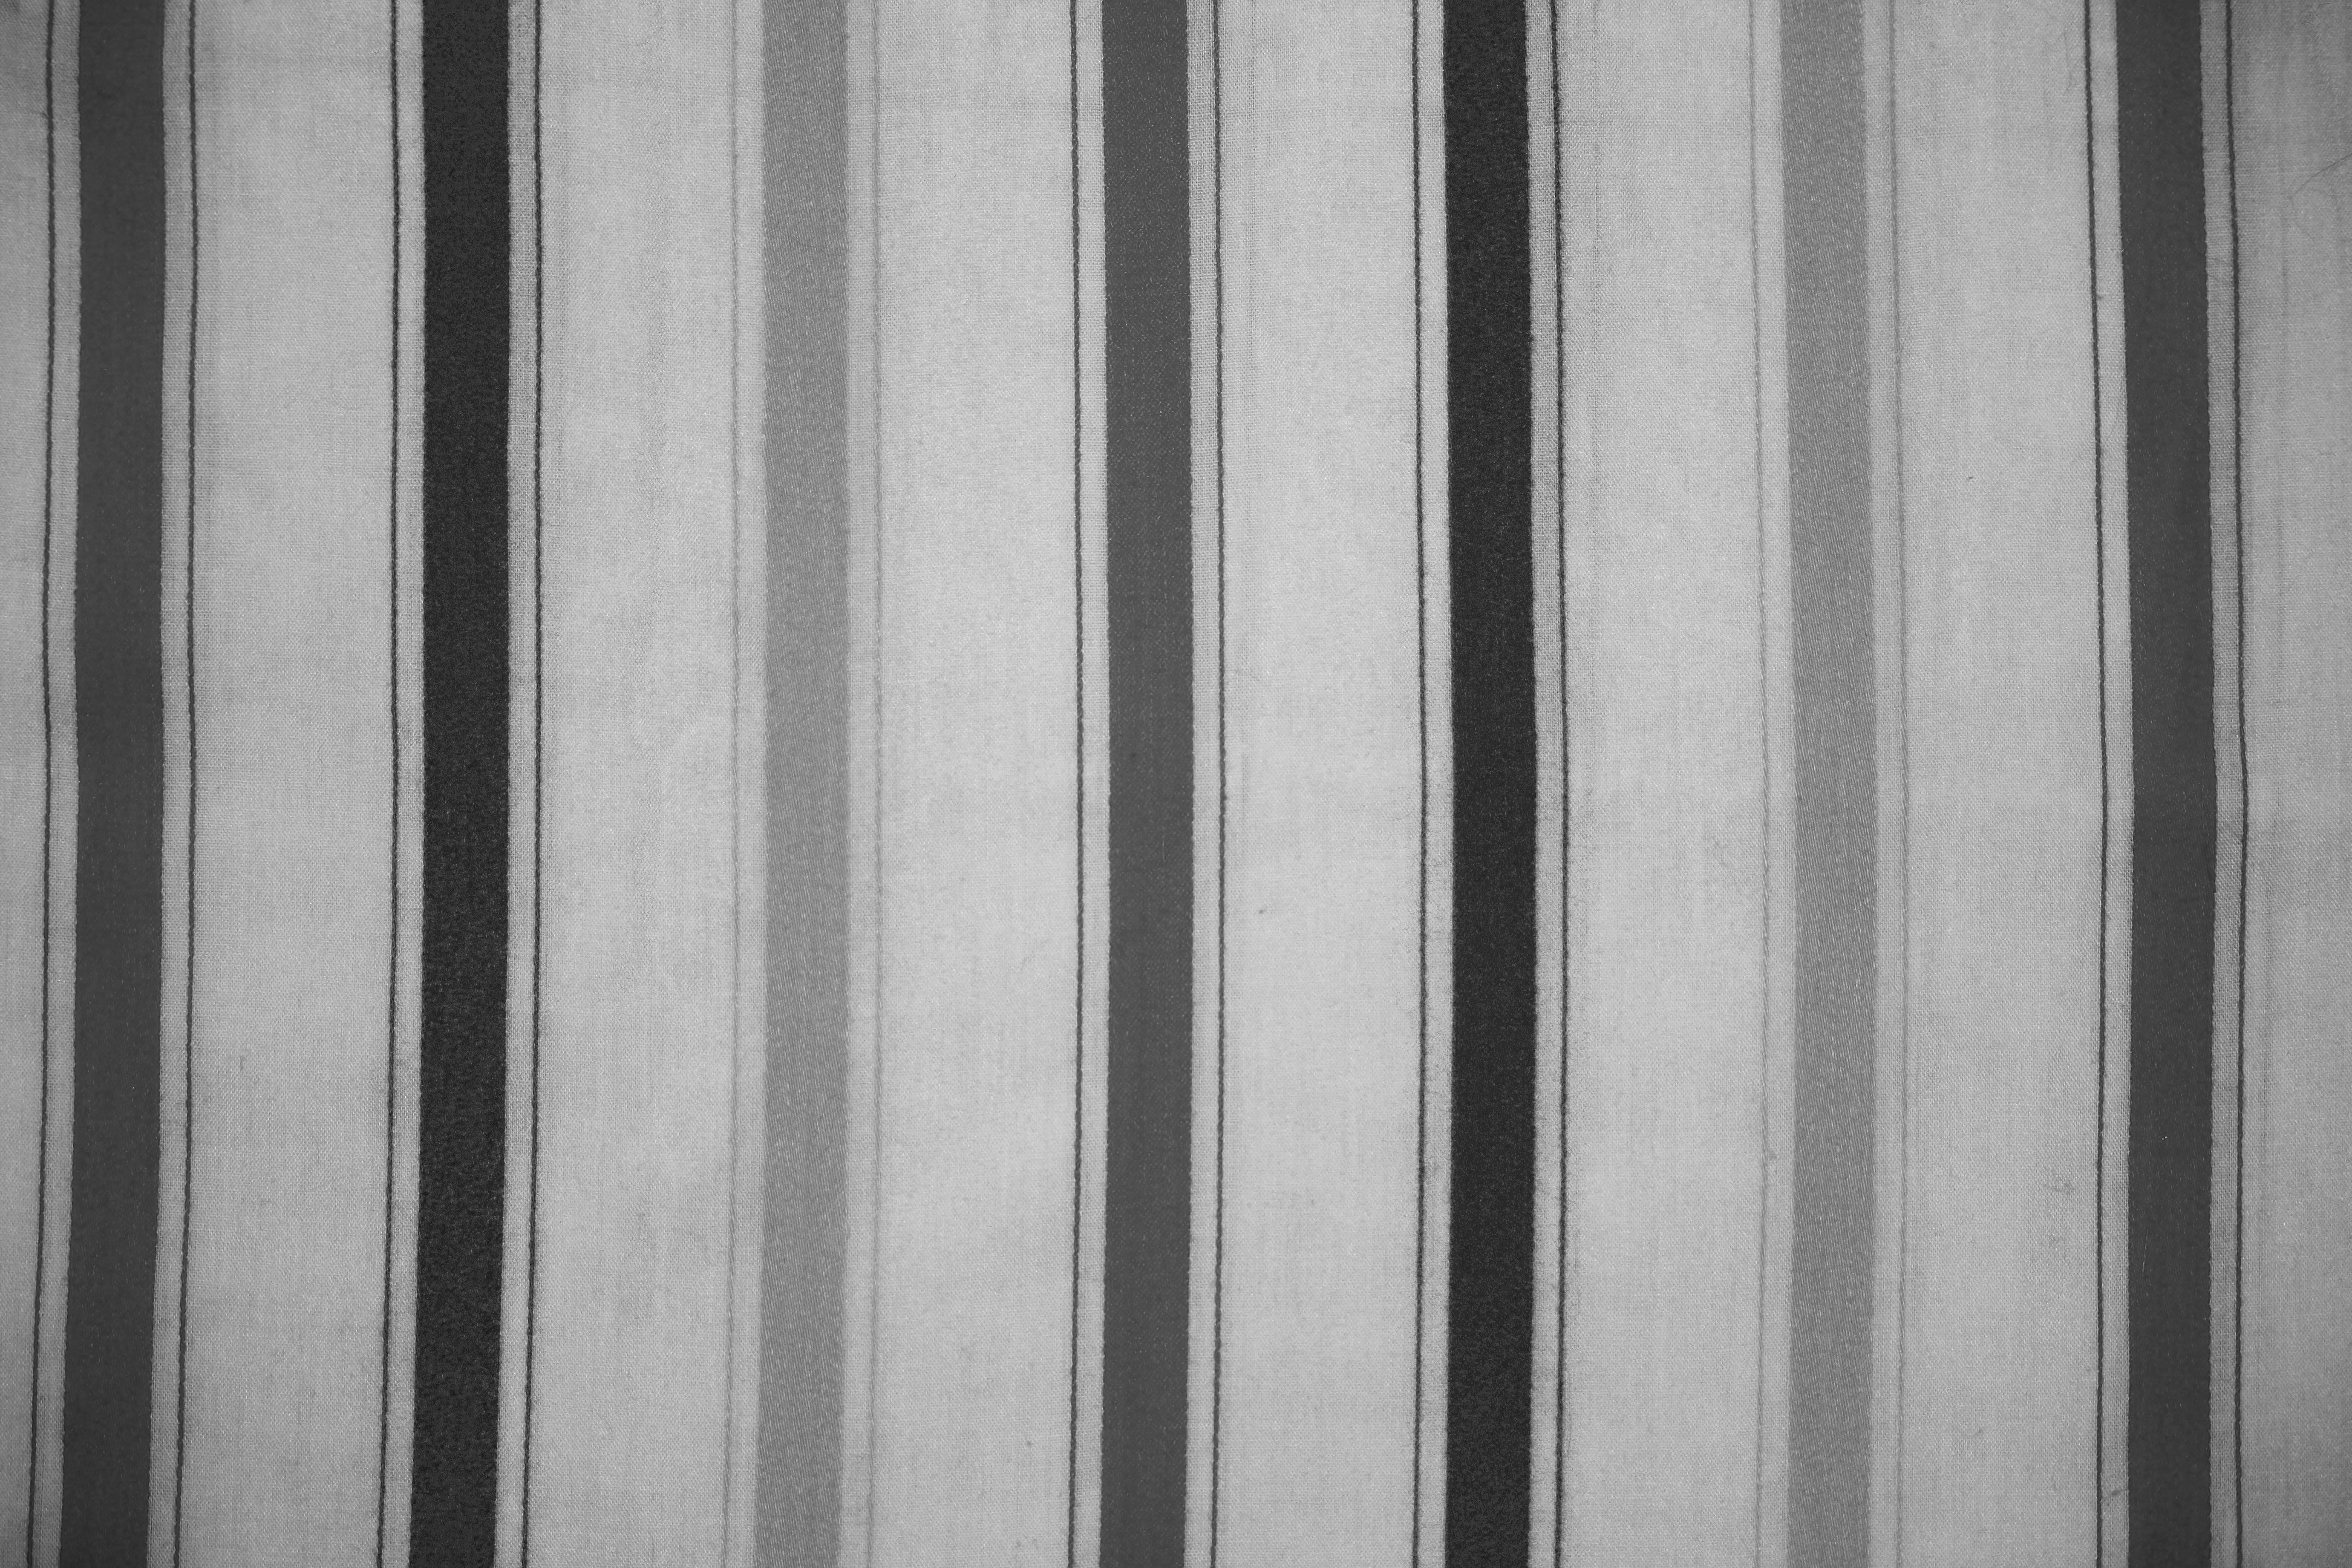 ... wooden floors installations door screen ideas hanging room dividers